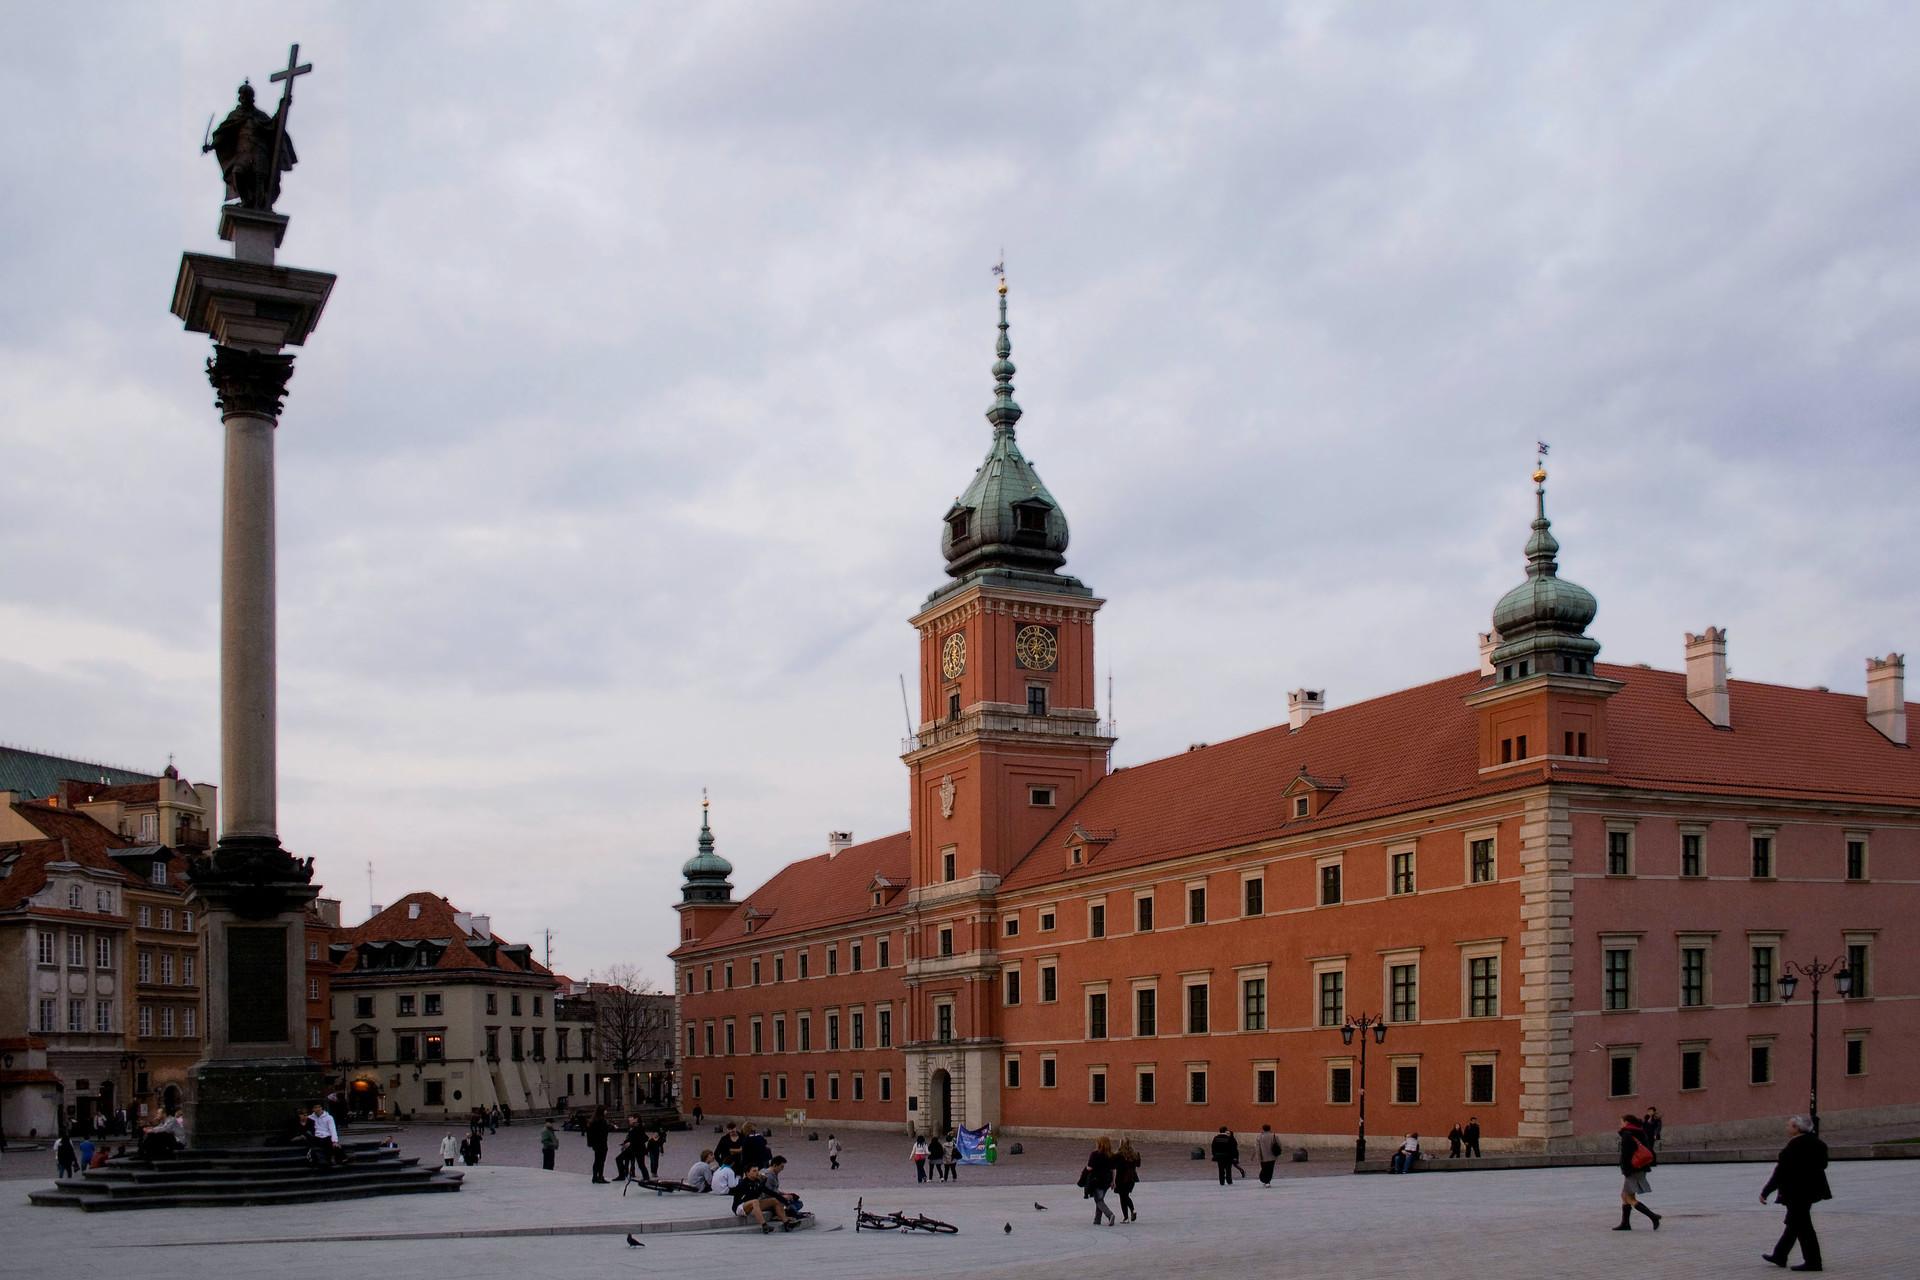 Doświadczenie Erasmusowe w Warszawie, Polska oczami Szymona